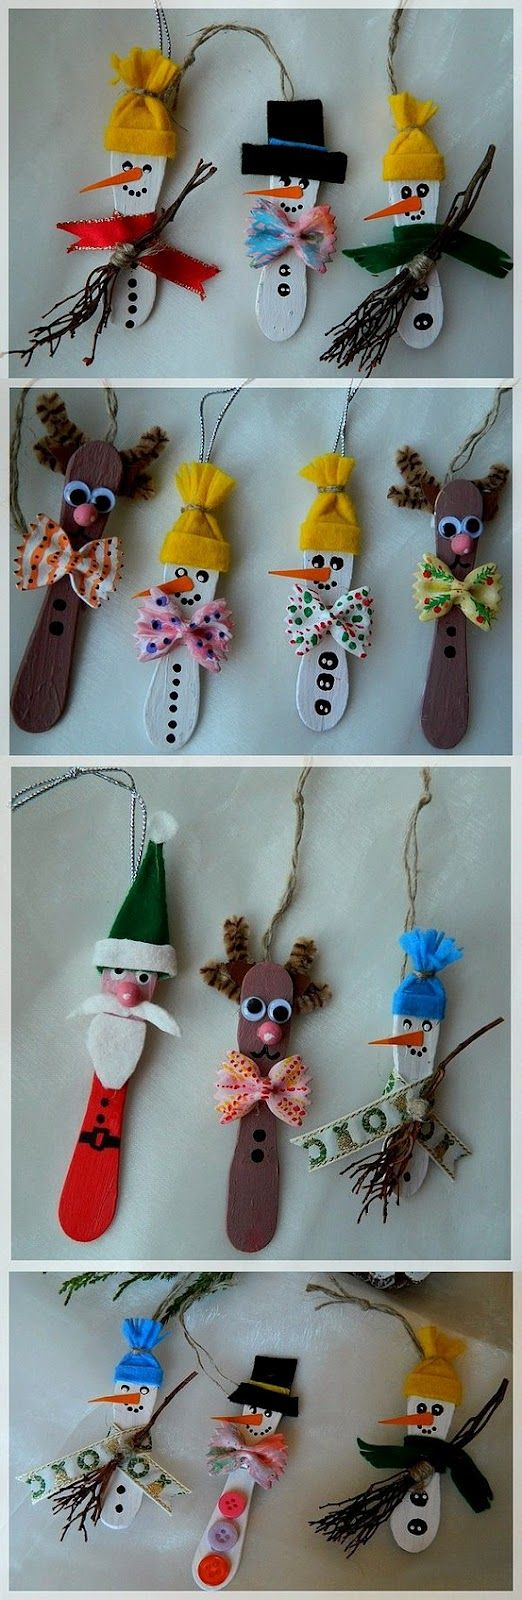 Christmas ornaments - Pais criativos filhos Felizes!